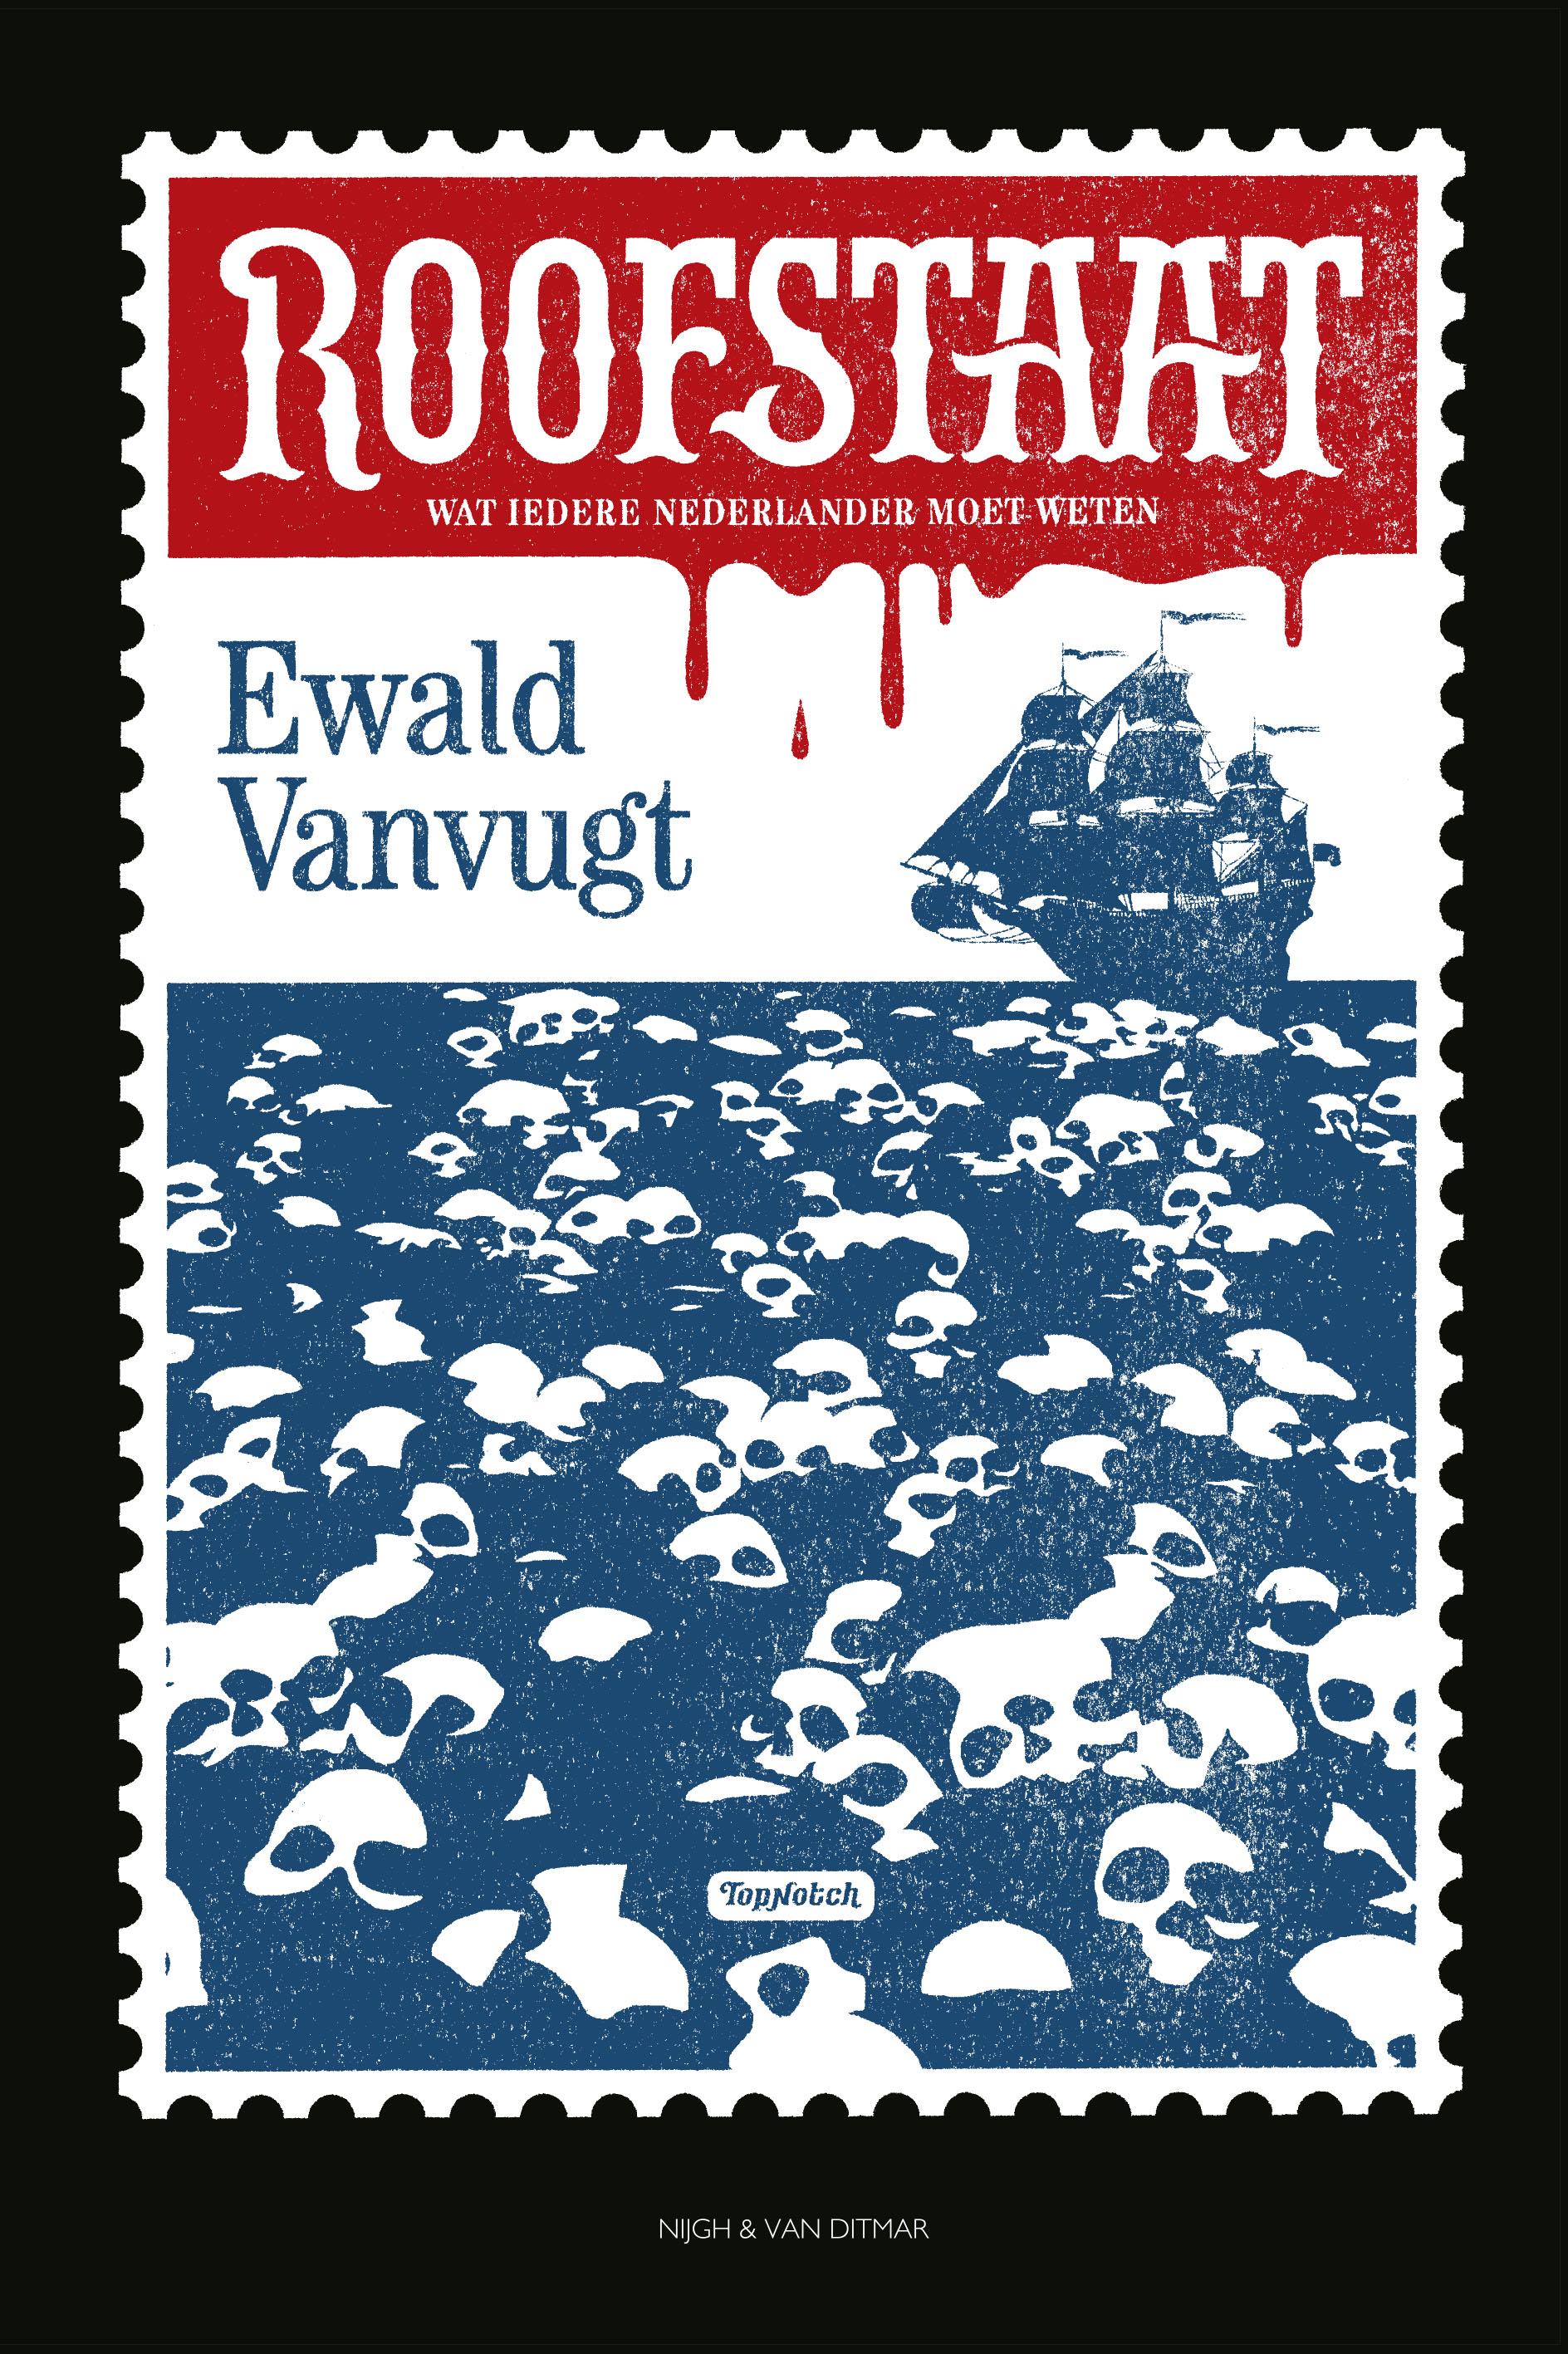 Roofstaat – Ewald Vanvugt